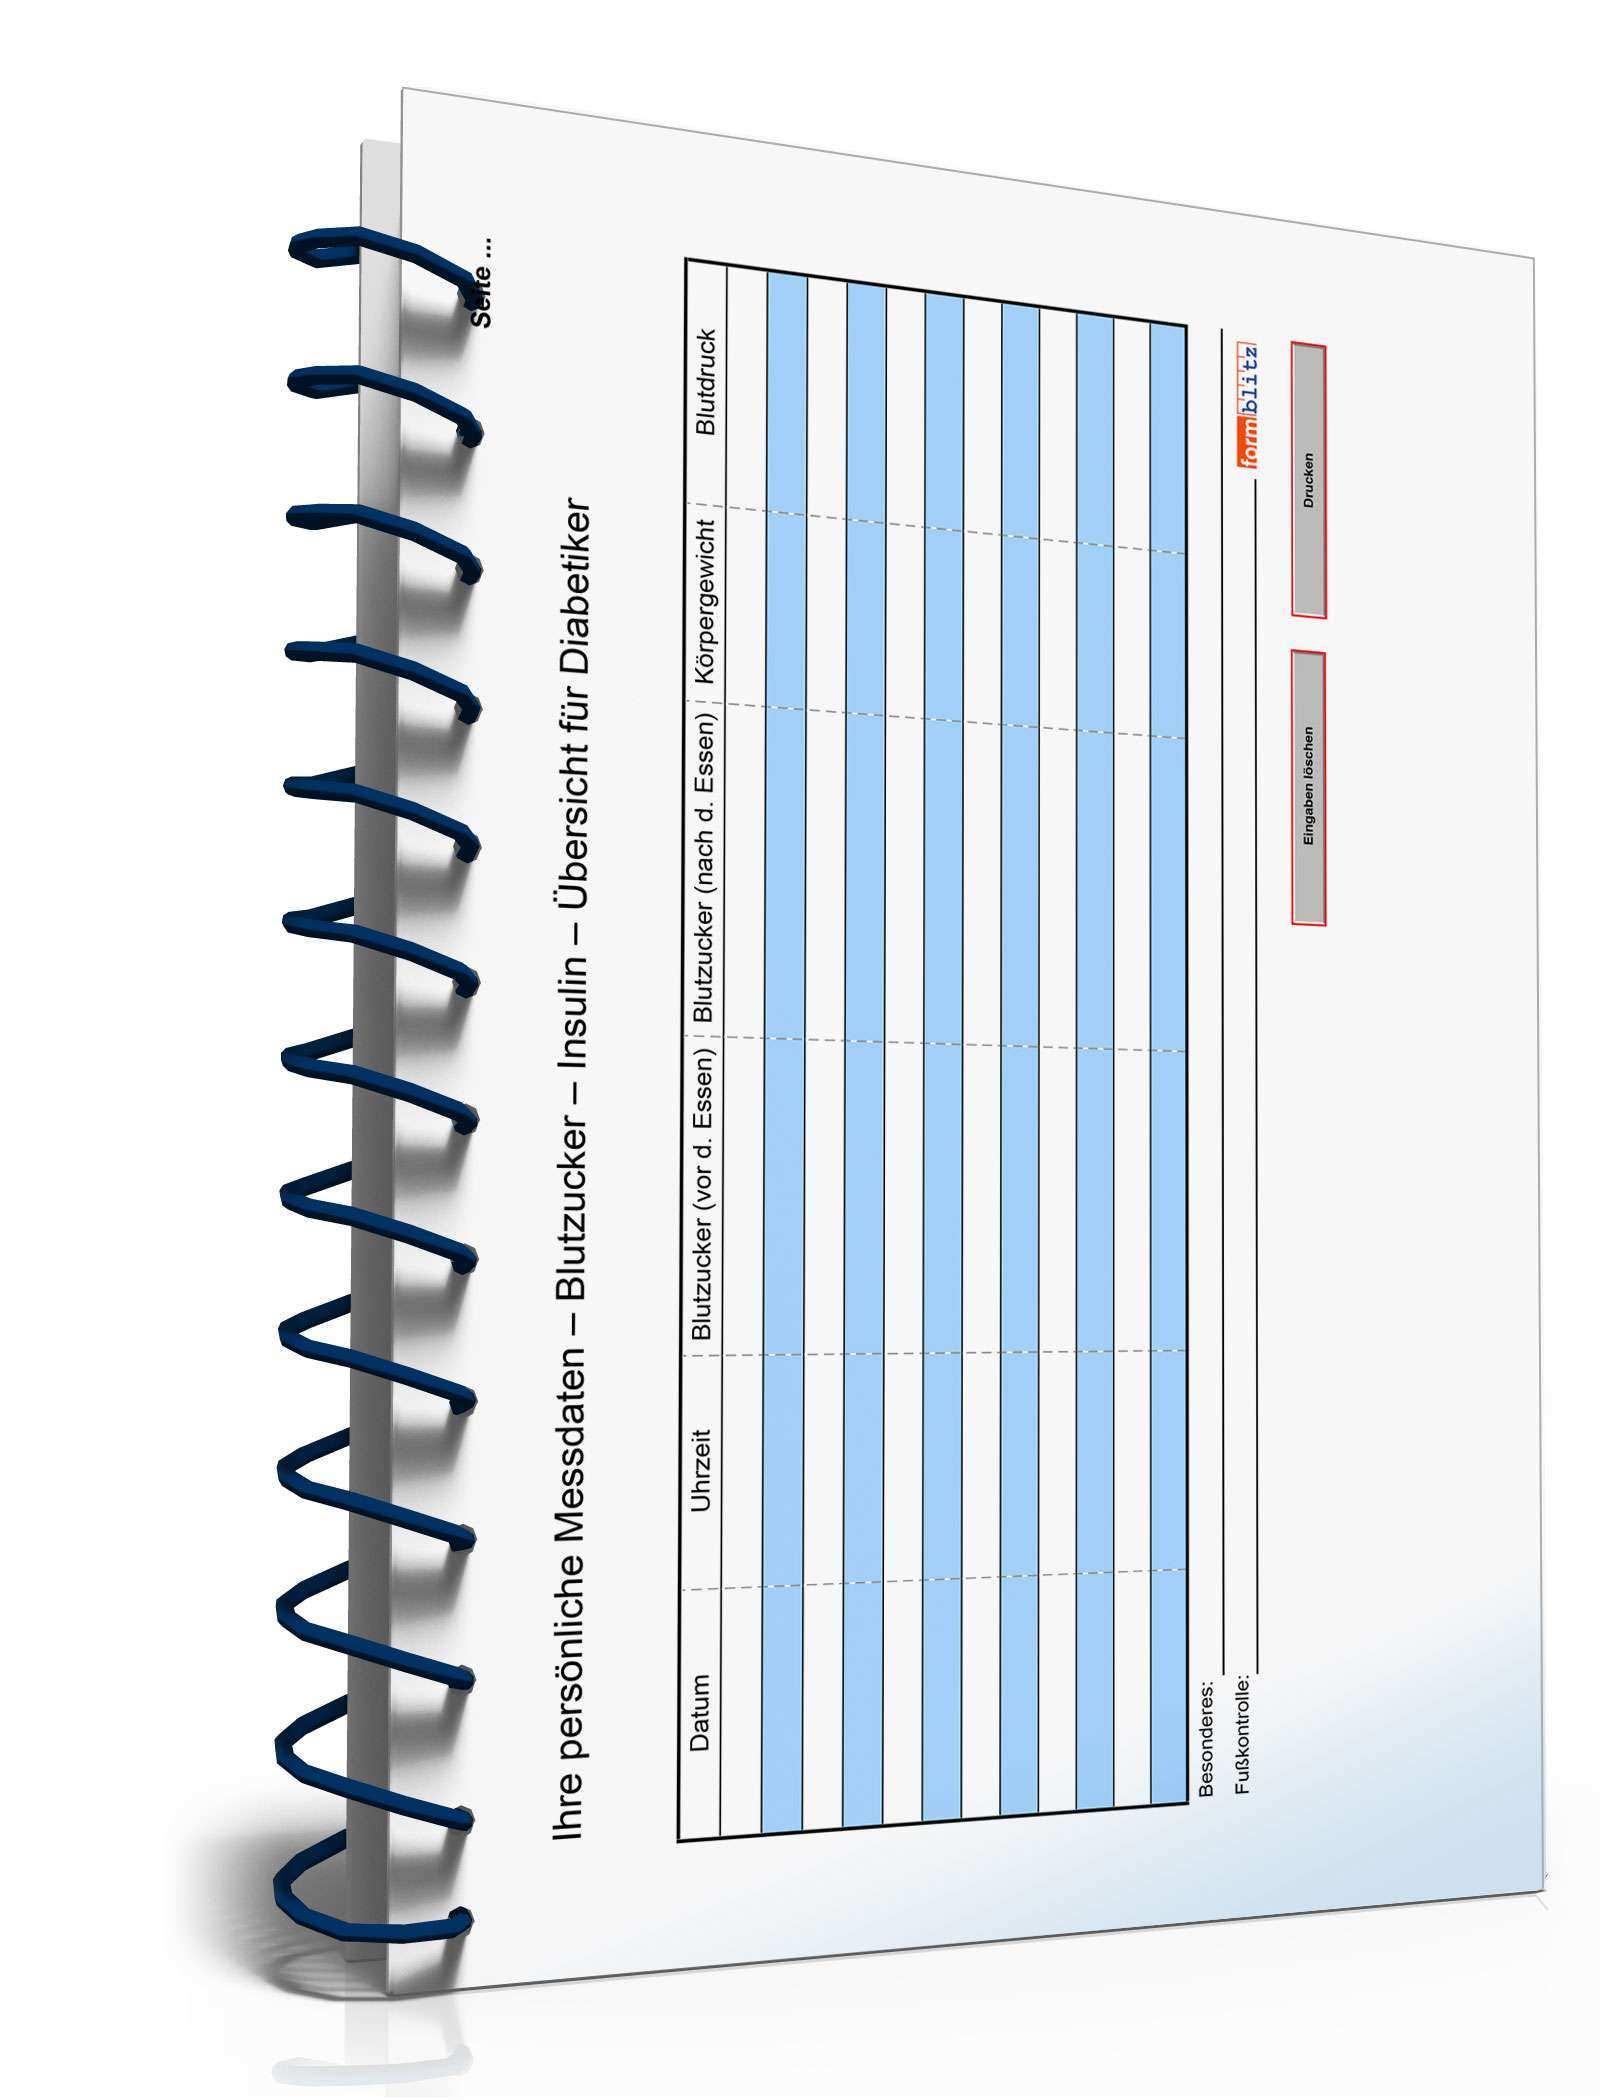 Diabetiker Tagebuch Tabelle Zum Download